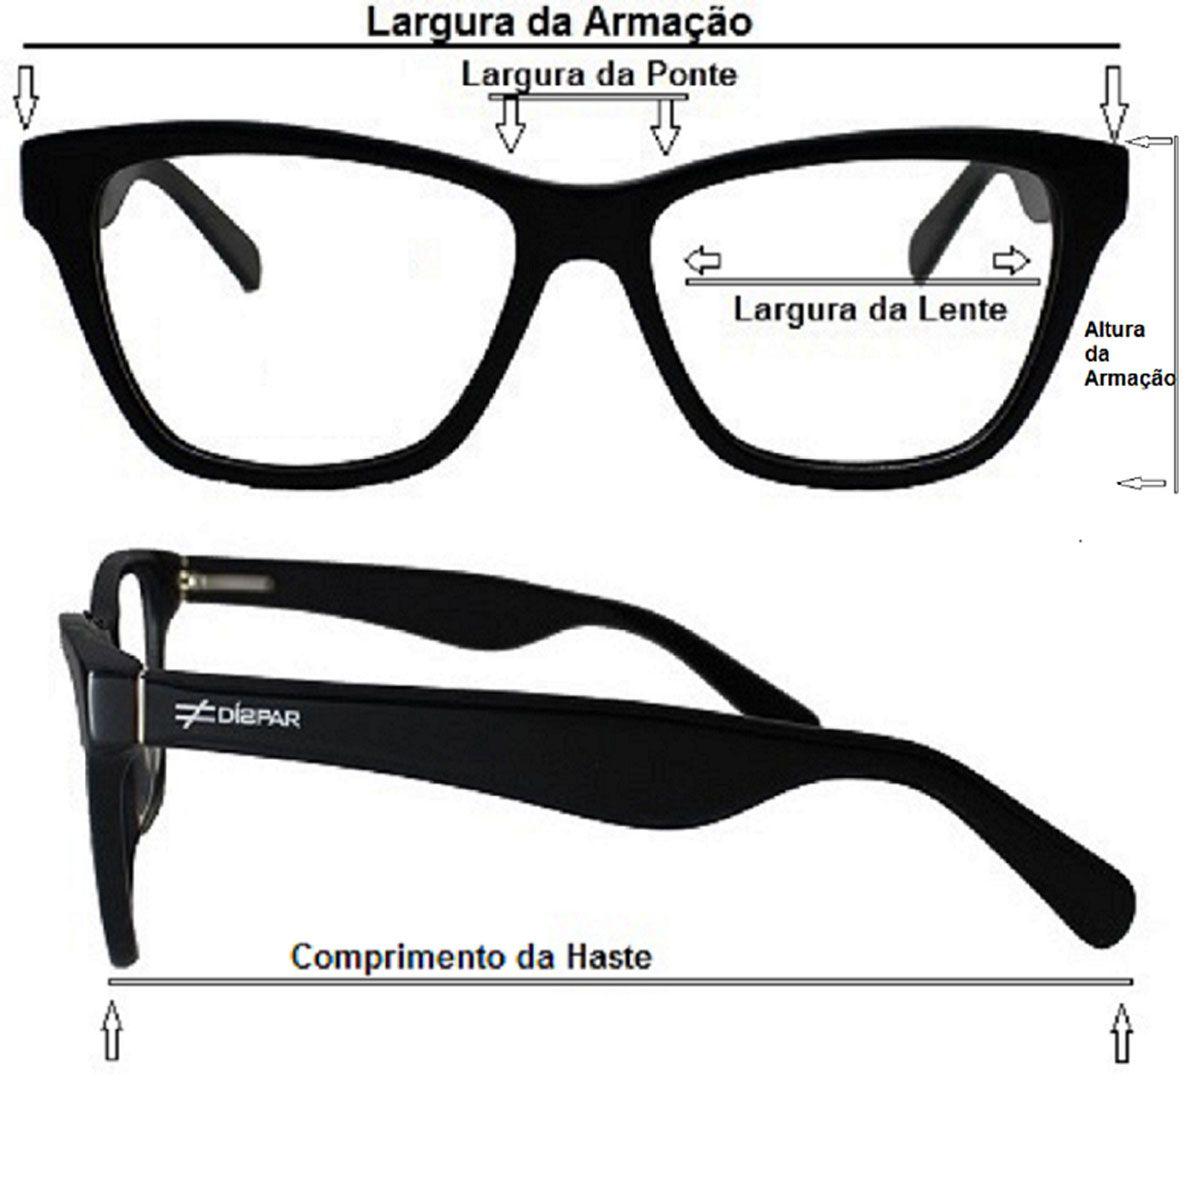 Armação para Óculos Díspar D2105 TR90 Gatinho - Preto